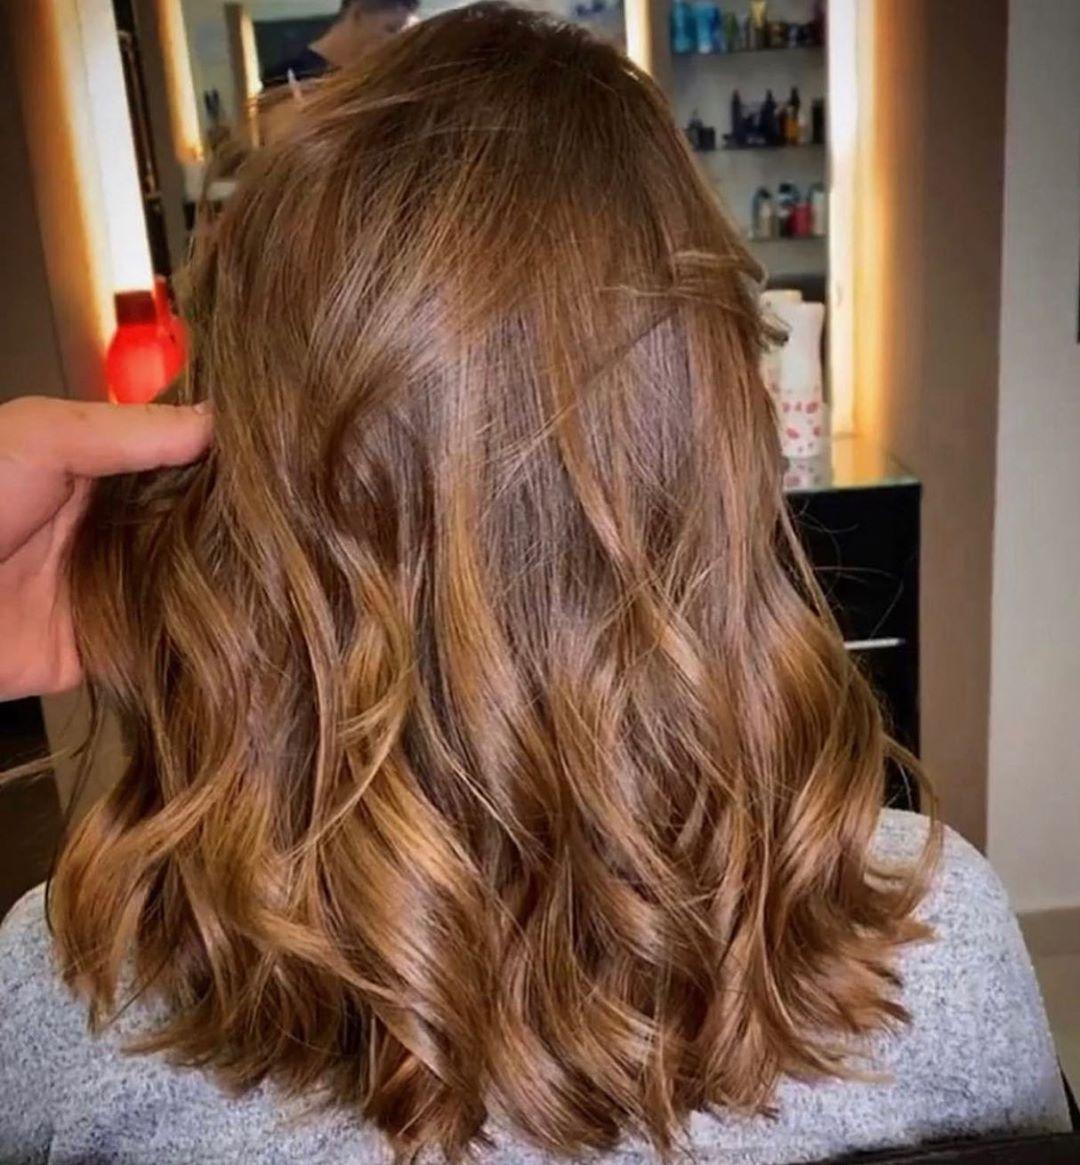 Cabelo Iluminado No Estilo Gonzaga Quem Beleza - Hair Styles